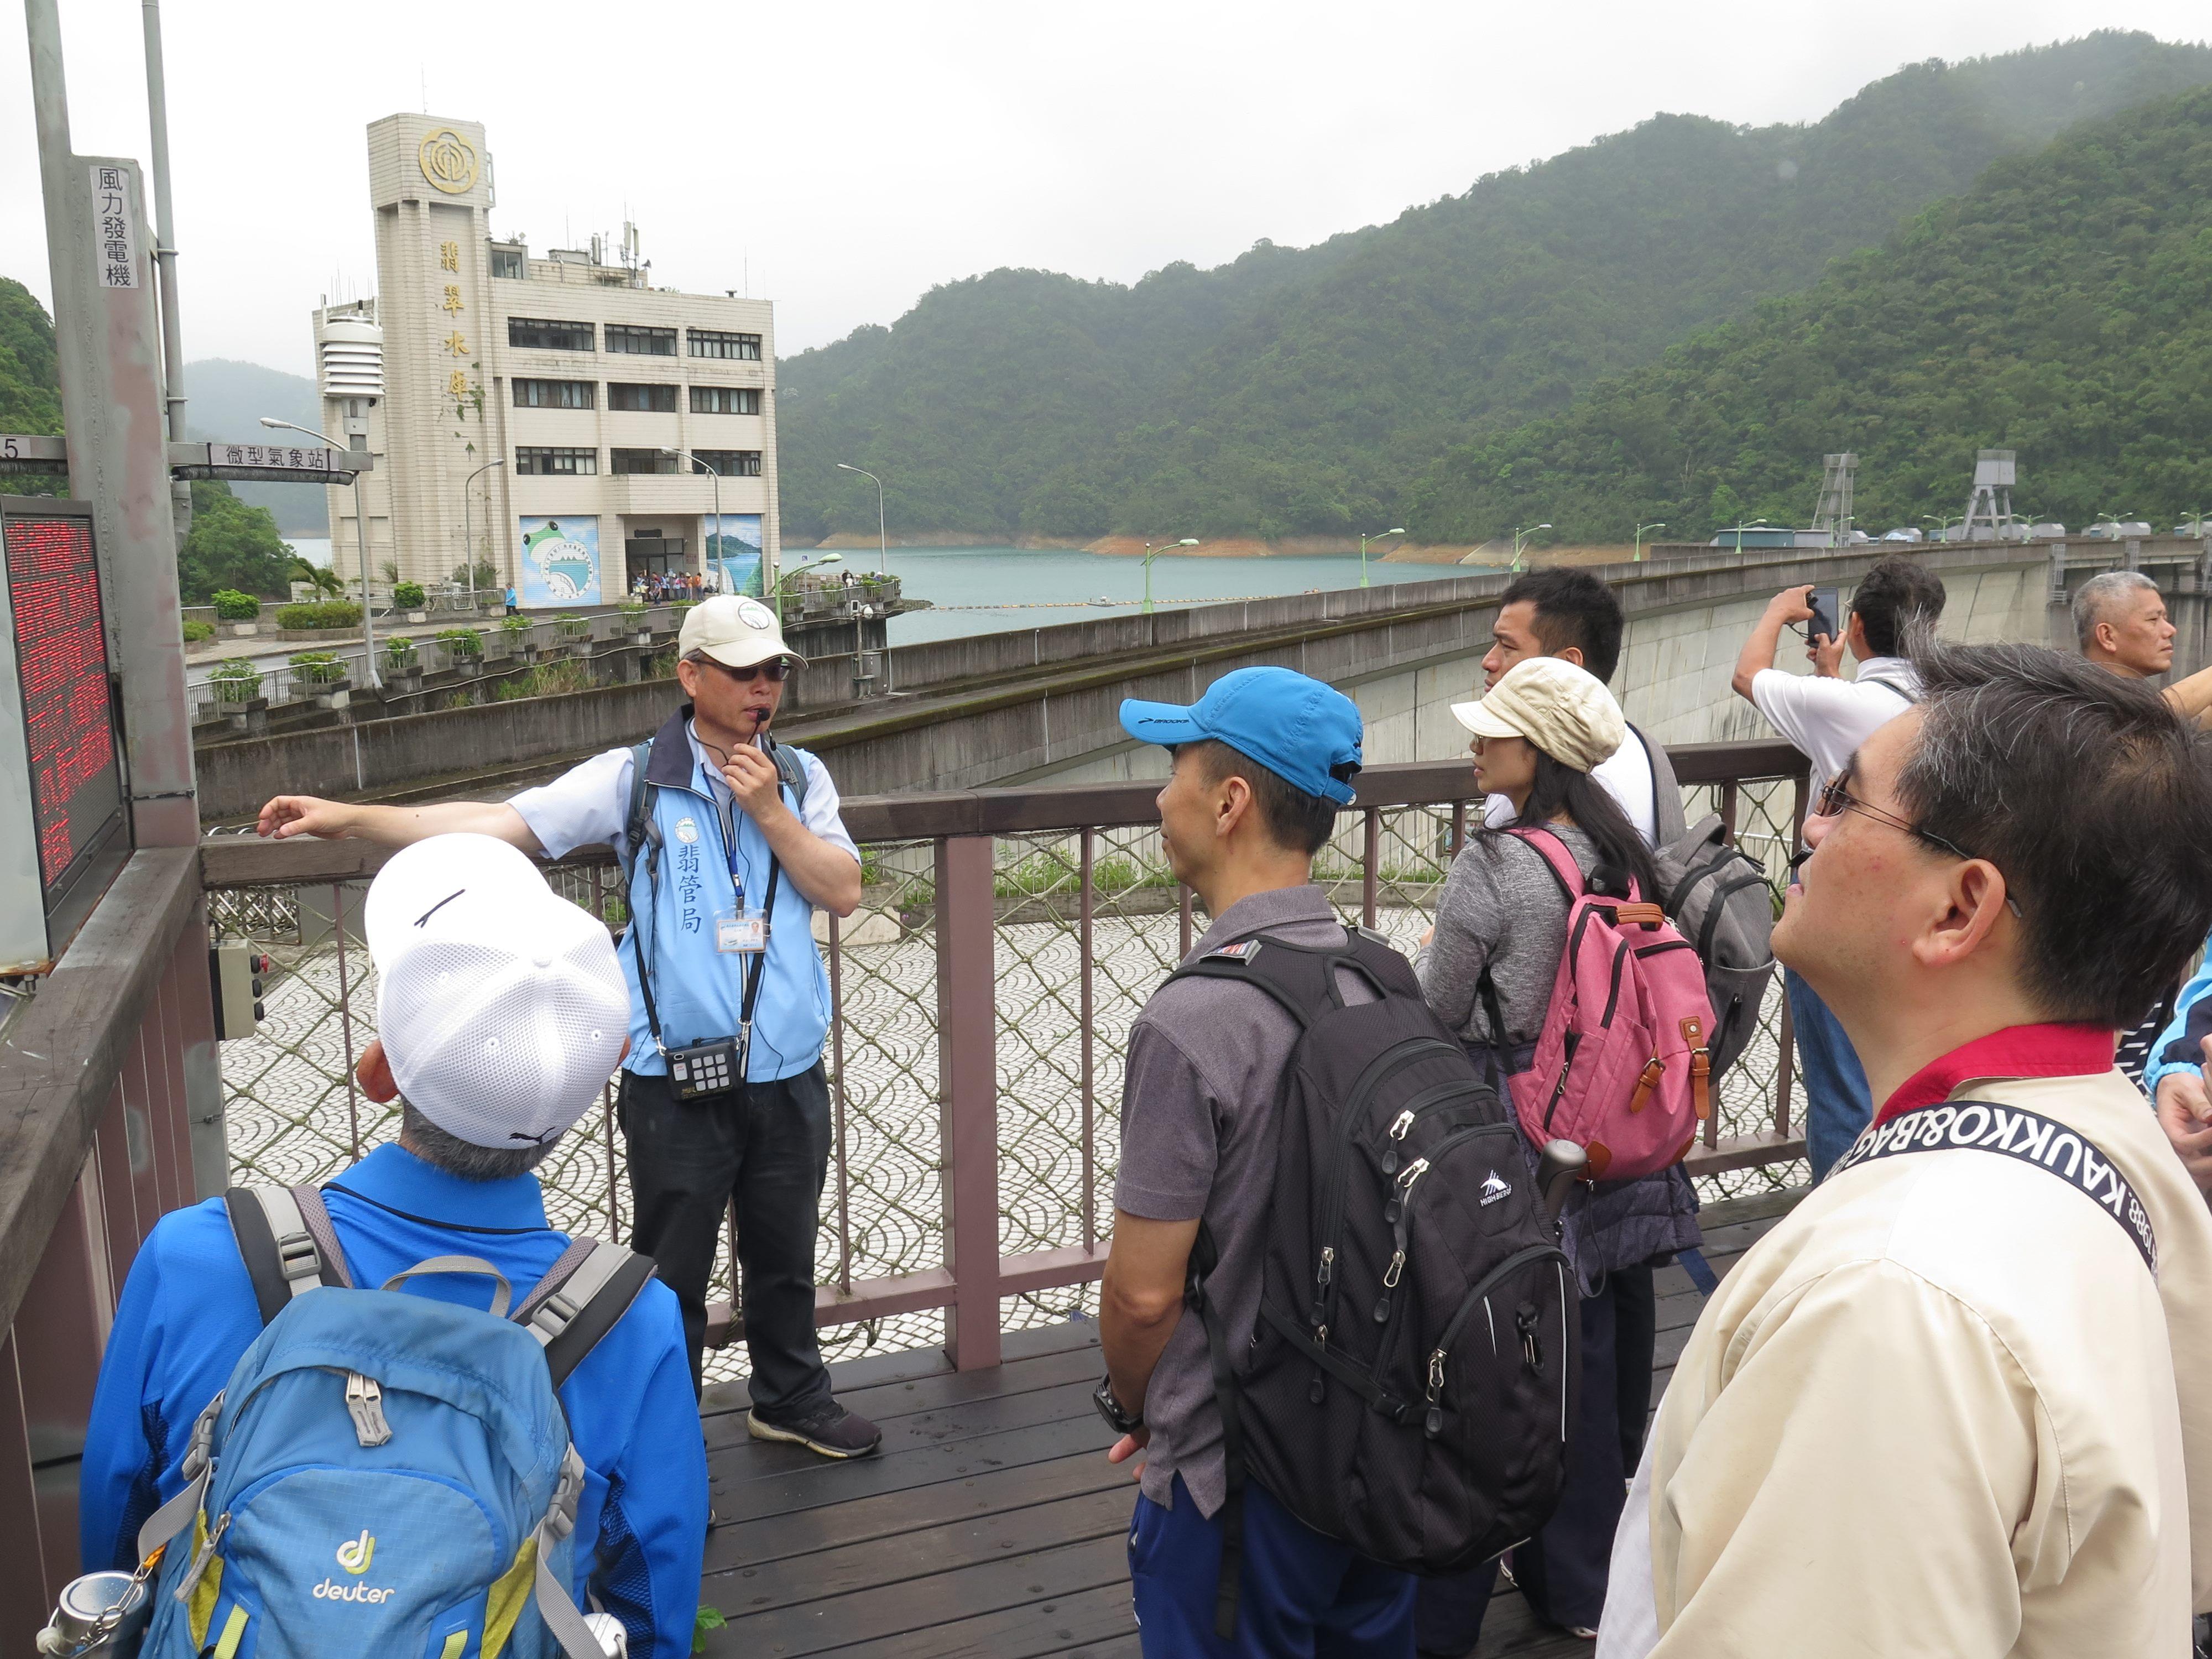 圖片說明:志工老師於大壩平台為民眾介紹水庫設施